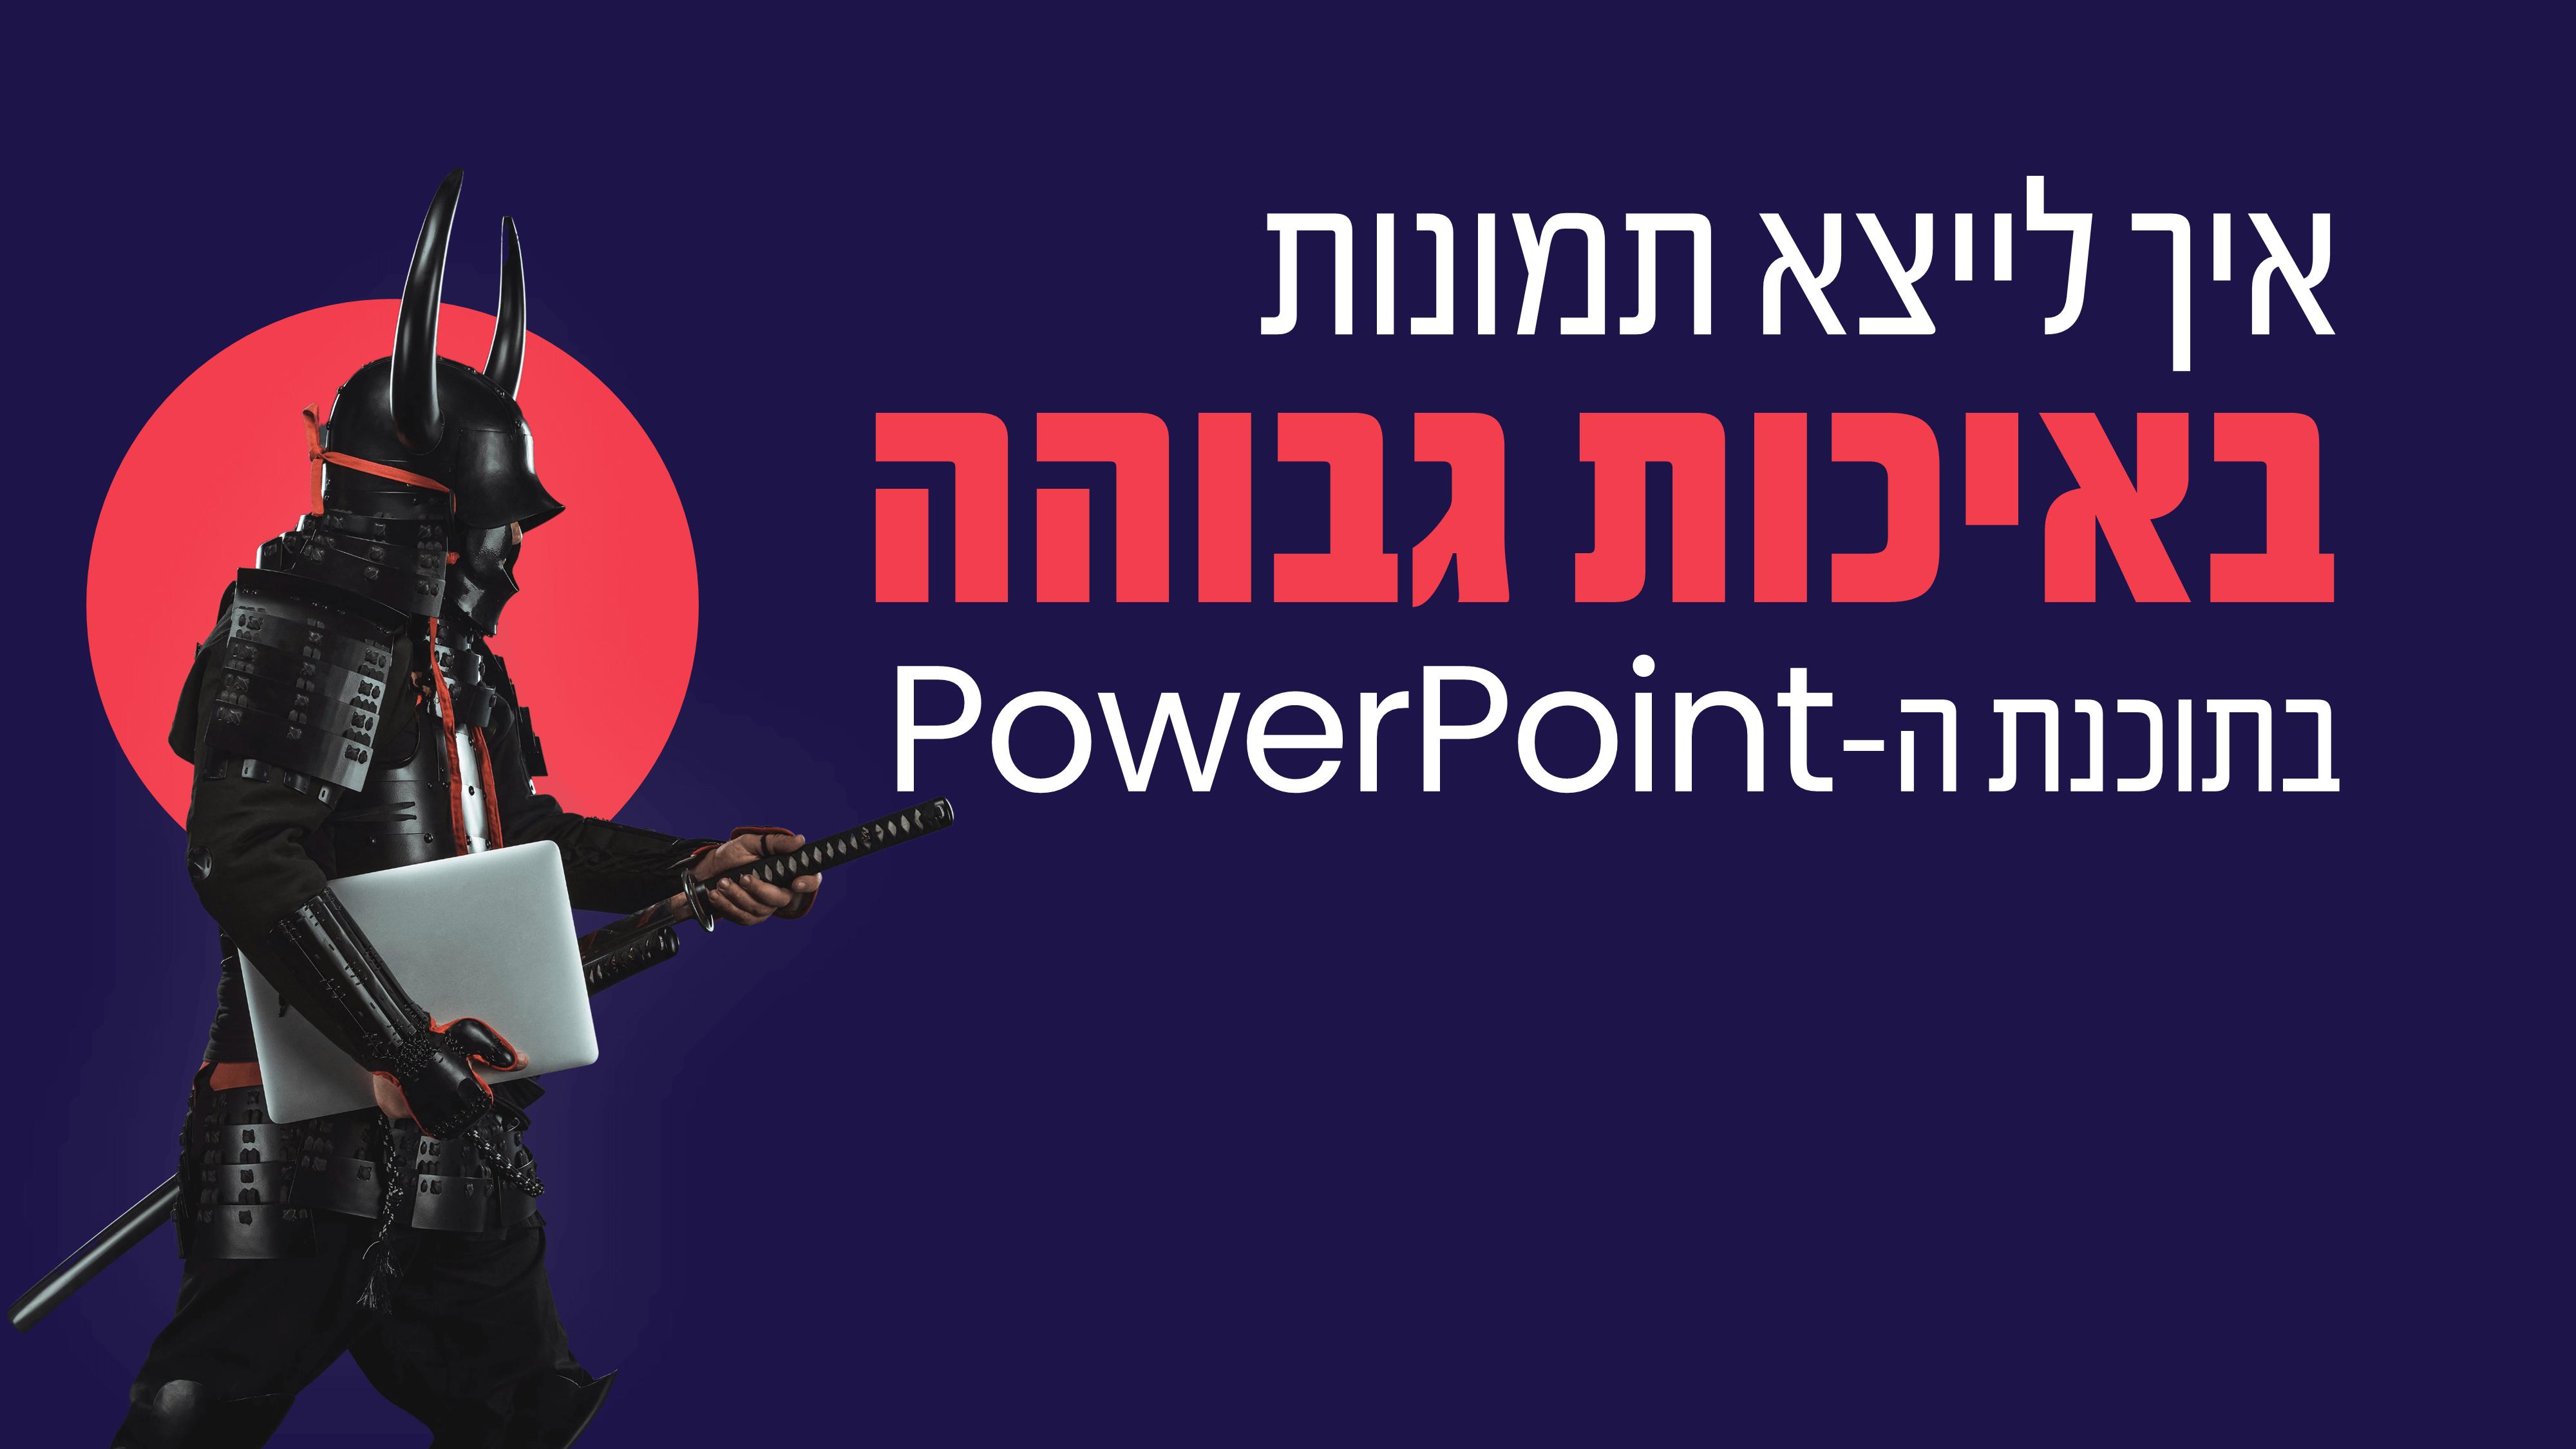 מדריך וידאו: איך לייצא תמונות באיכות HD ב- PowerPoint